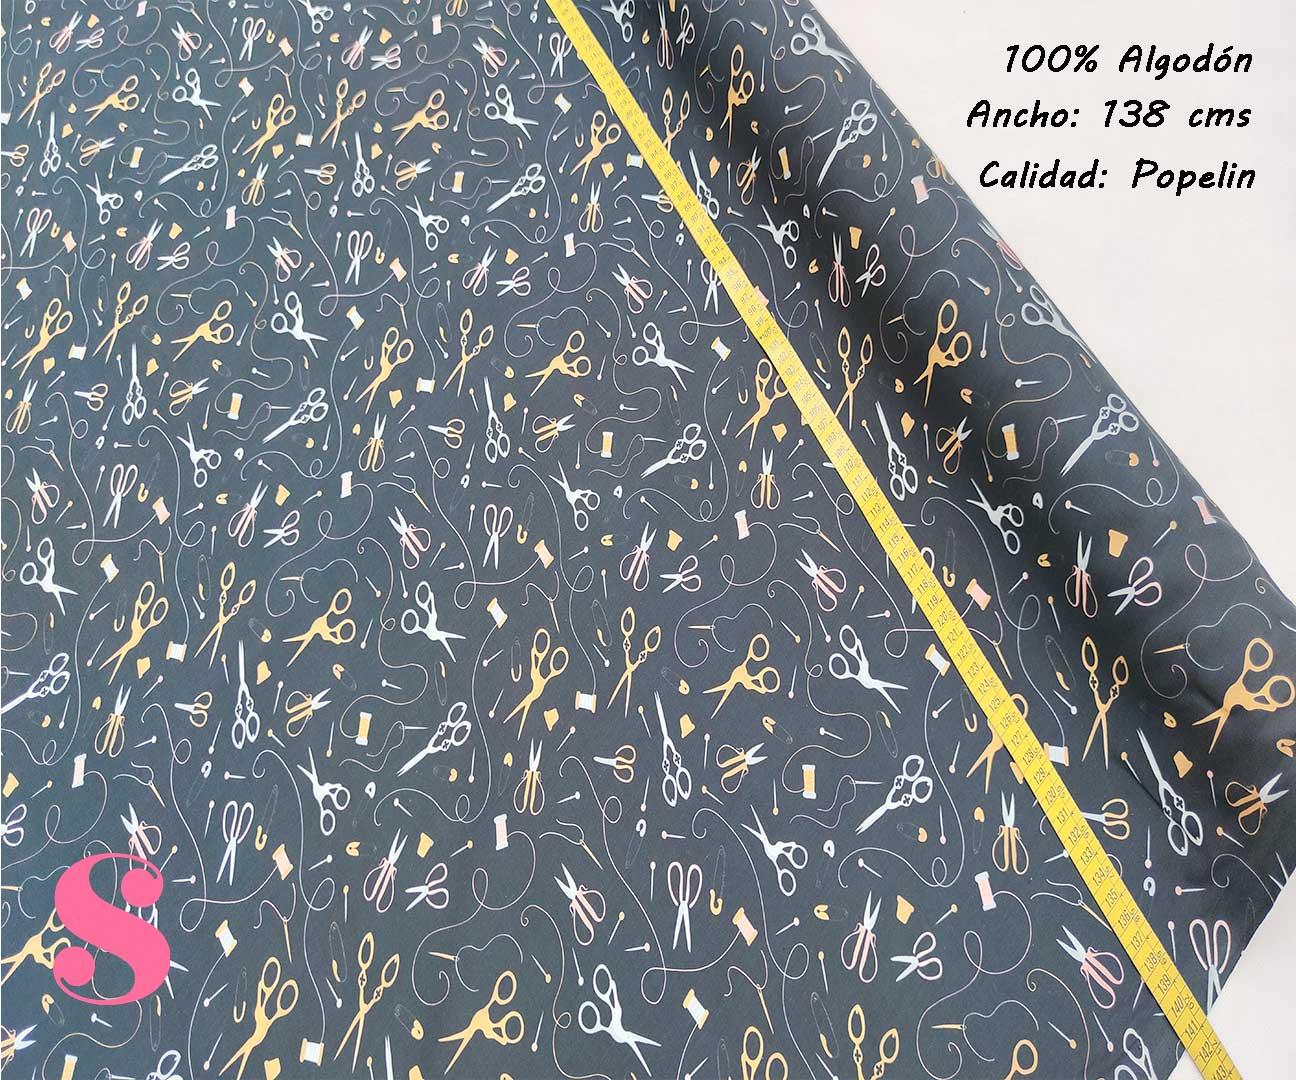 262-motivos-costura-negro-tejidos-algodón-estampado-popelin,Tejido Estampado Tijeras y Costura